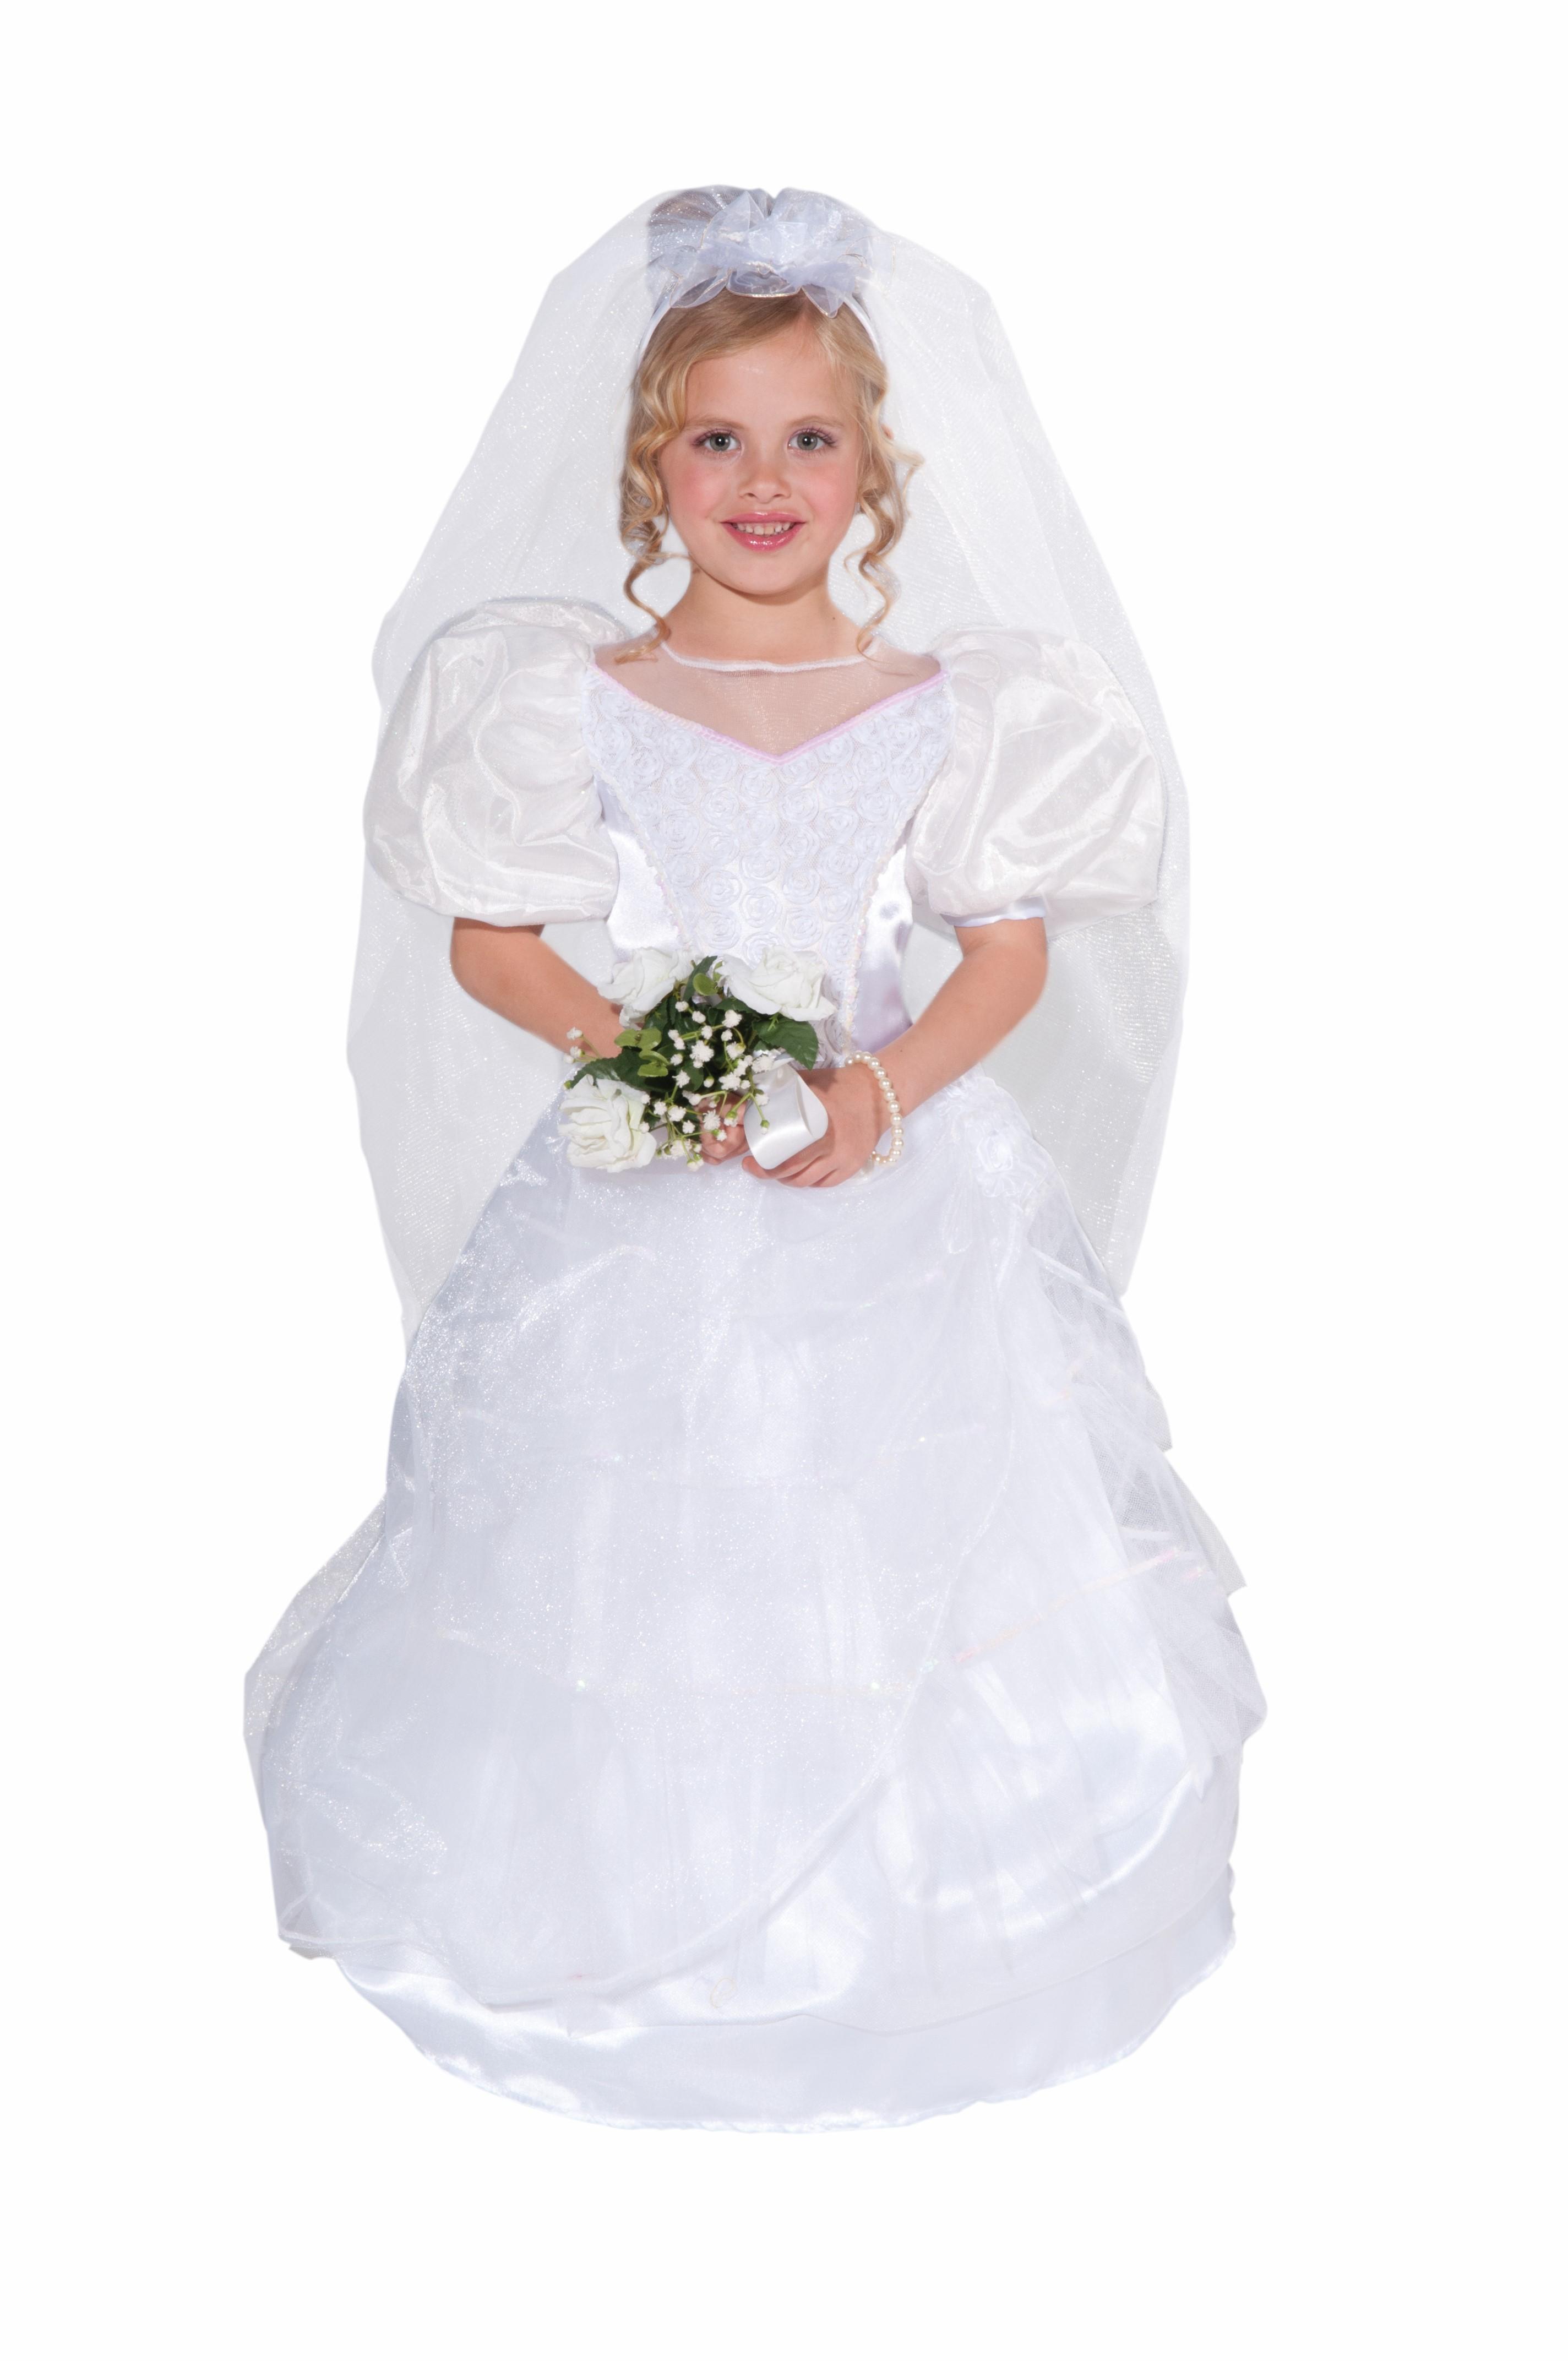 Bride White Wedding First Dance With Daddy Dress Child Girls